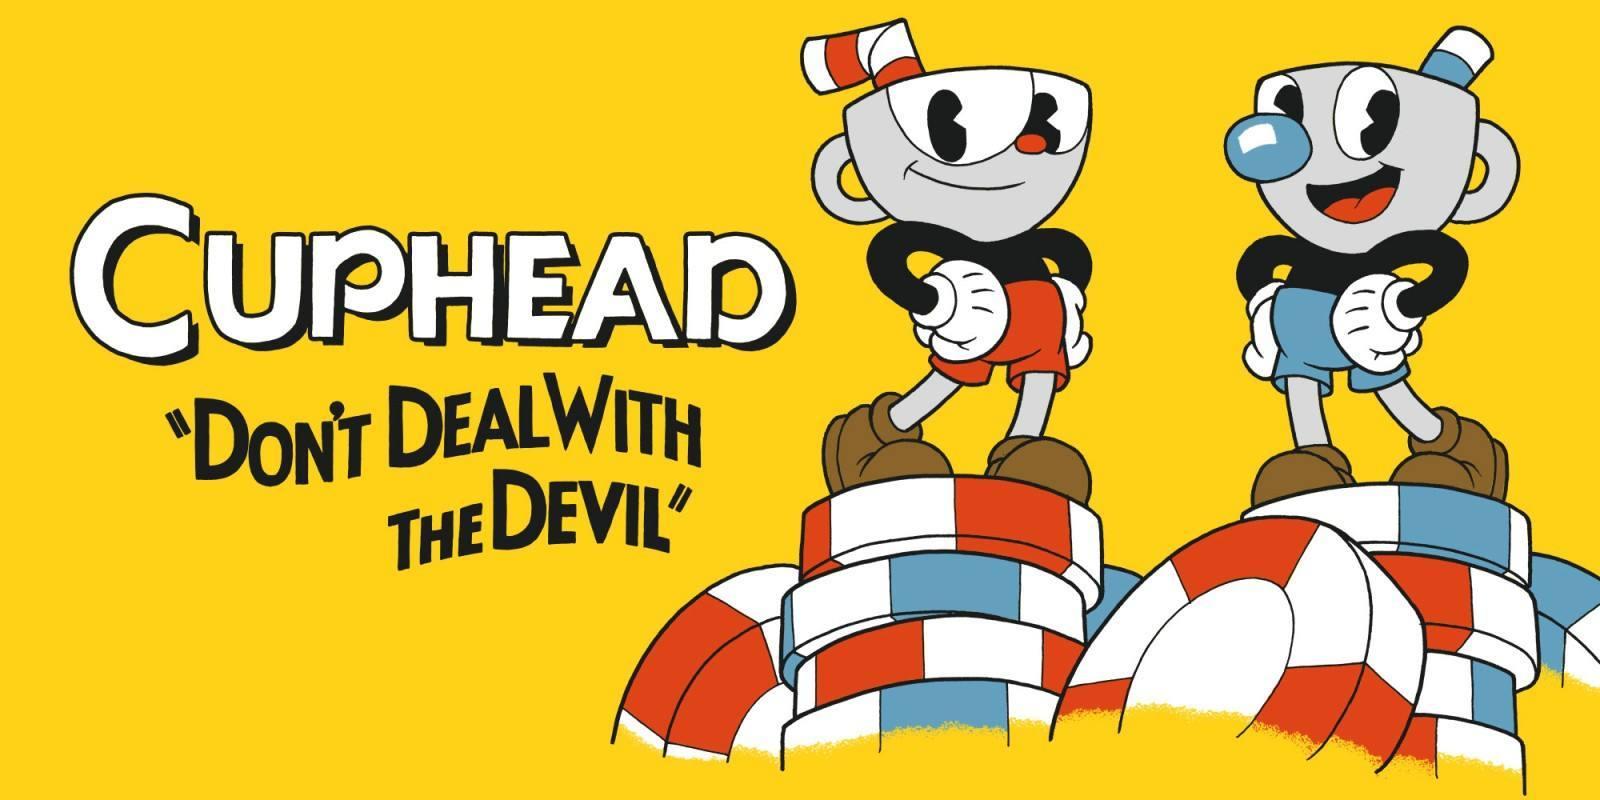 《茶杯头Cuphead》在PS4上发售